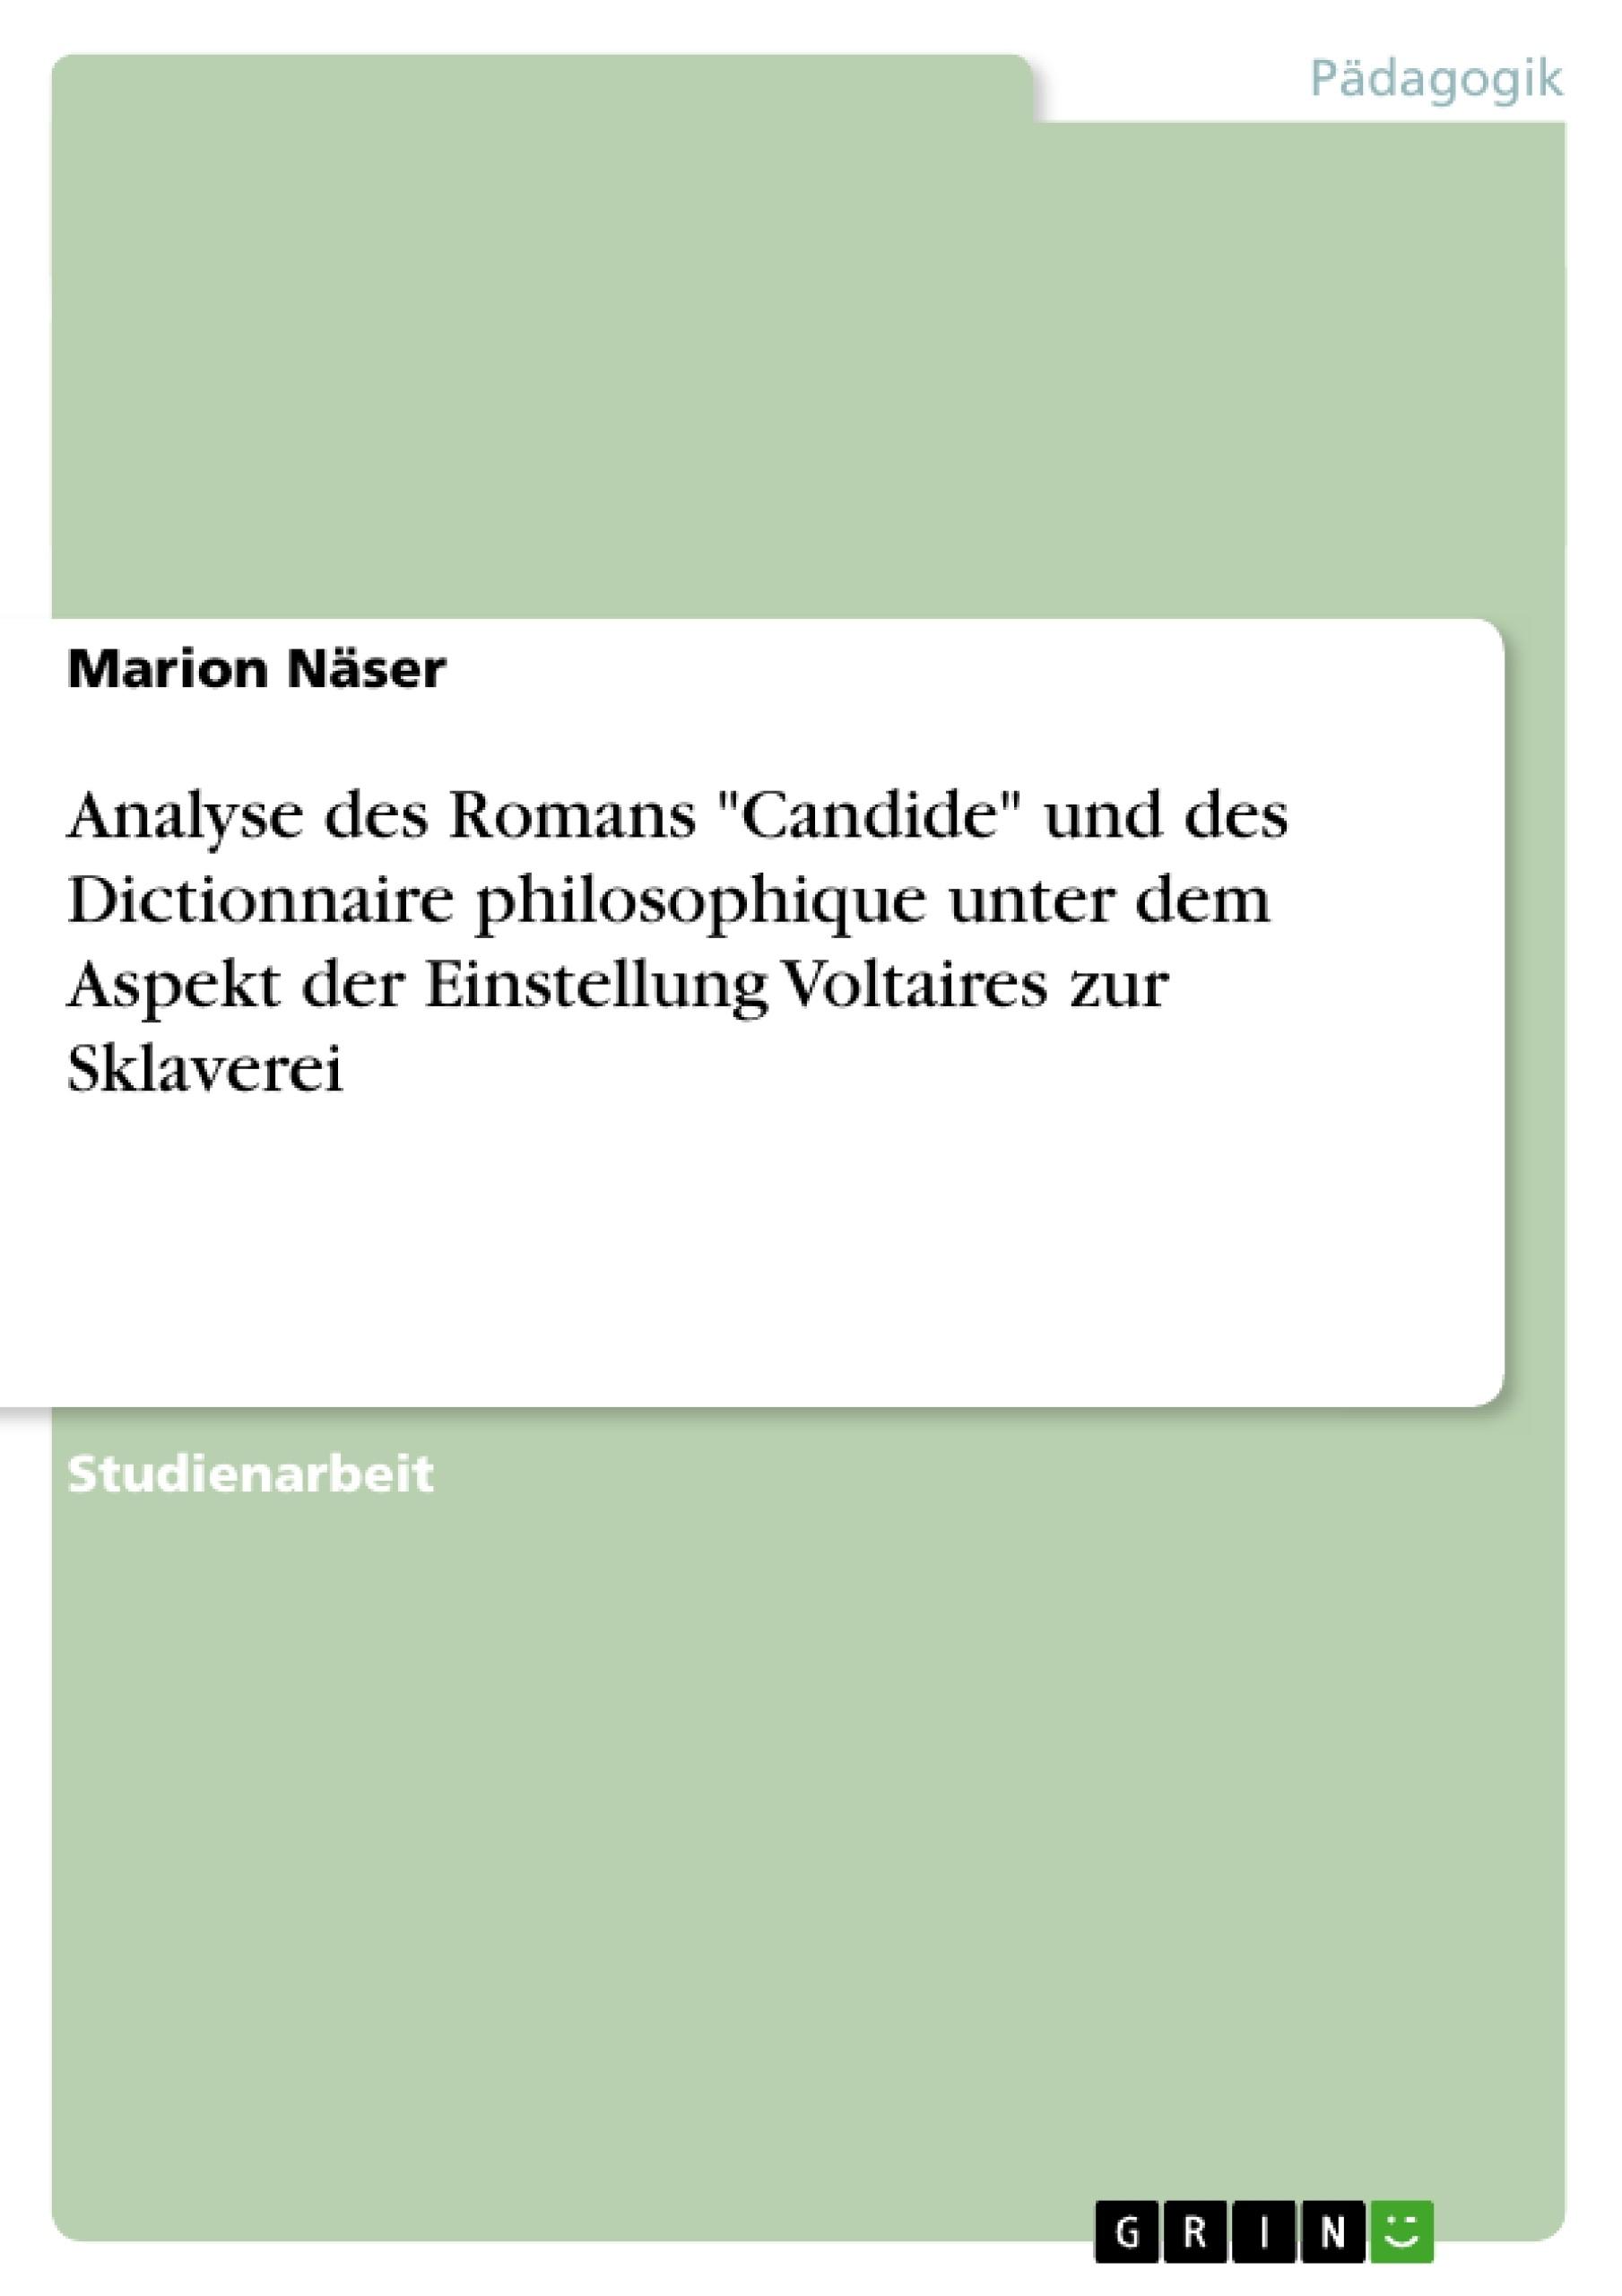 """Titel: Analyse des Romans """"Candide"""" und des Dictionnaire philosophique unter dem Aspekt der Einstellung Voltaires zur Sklaverei"""